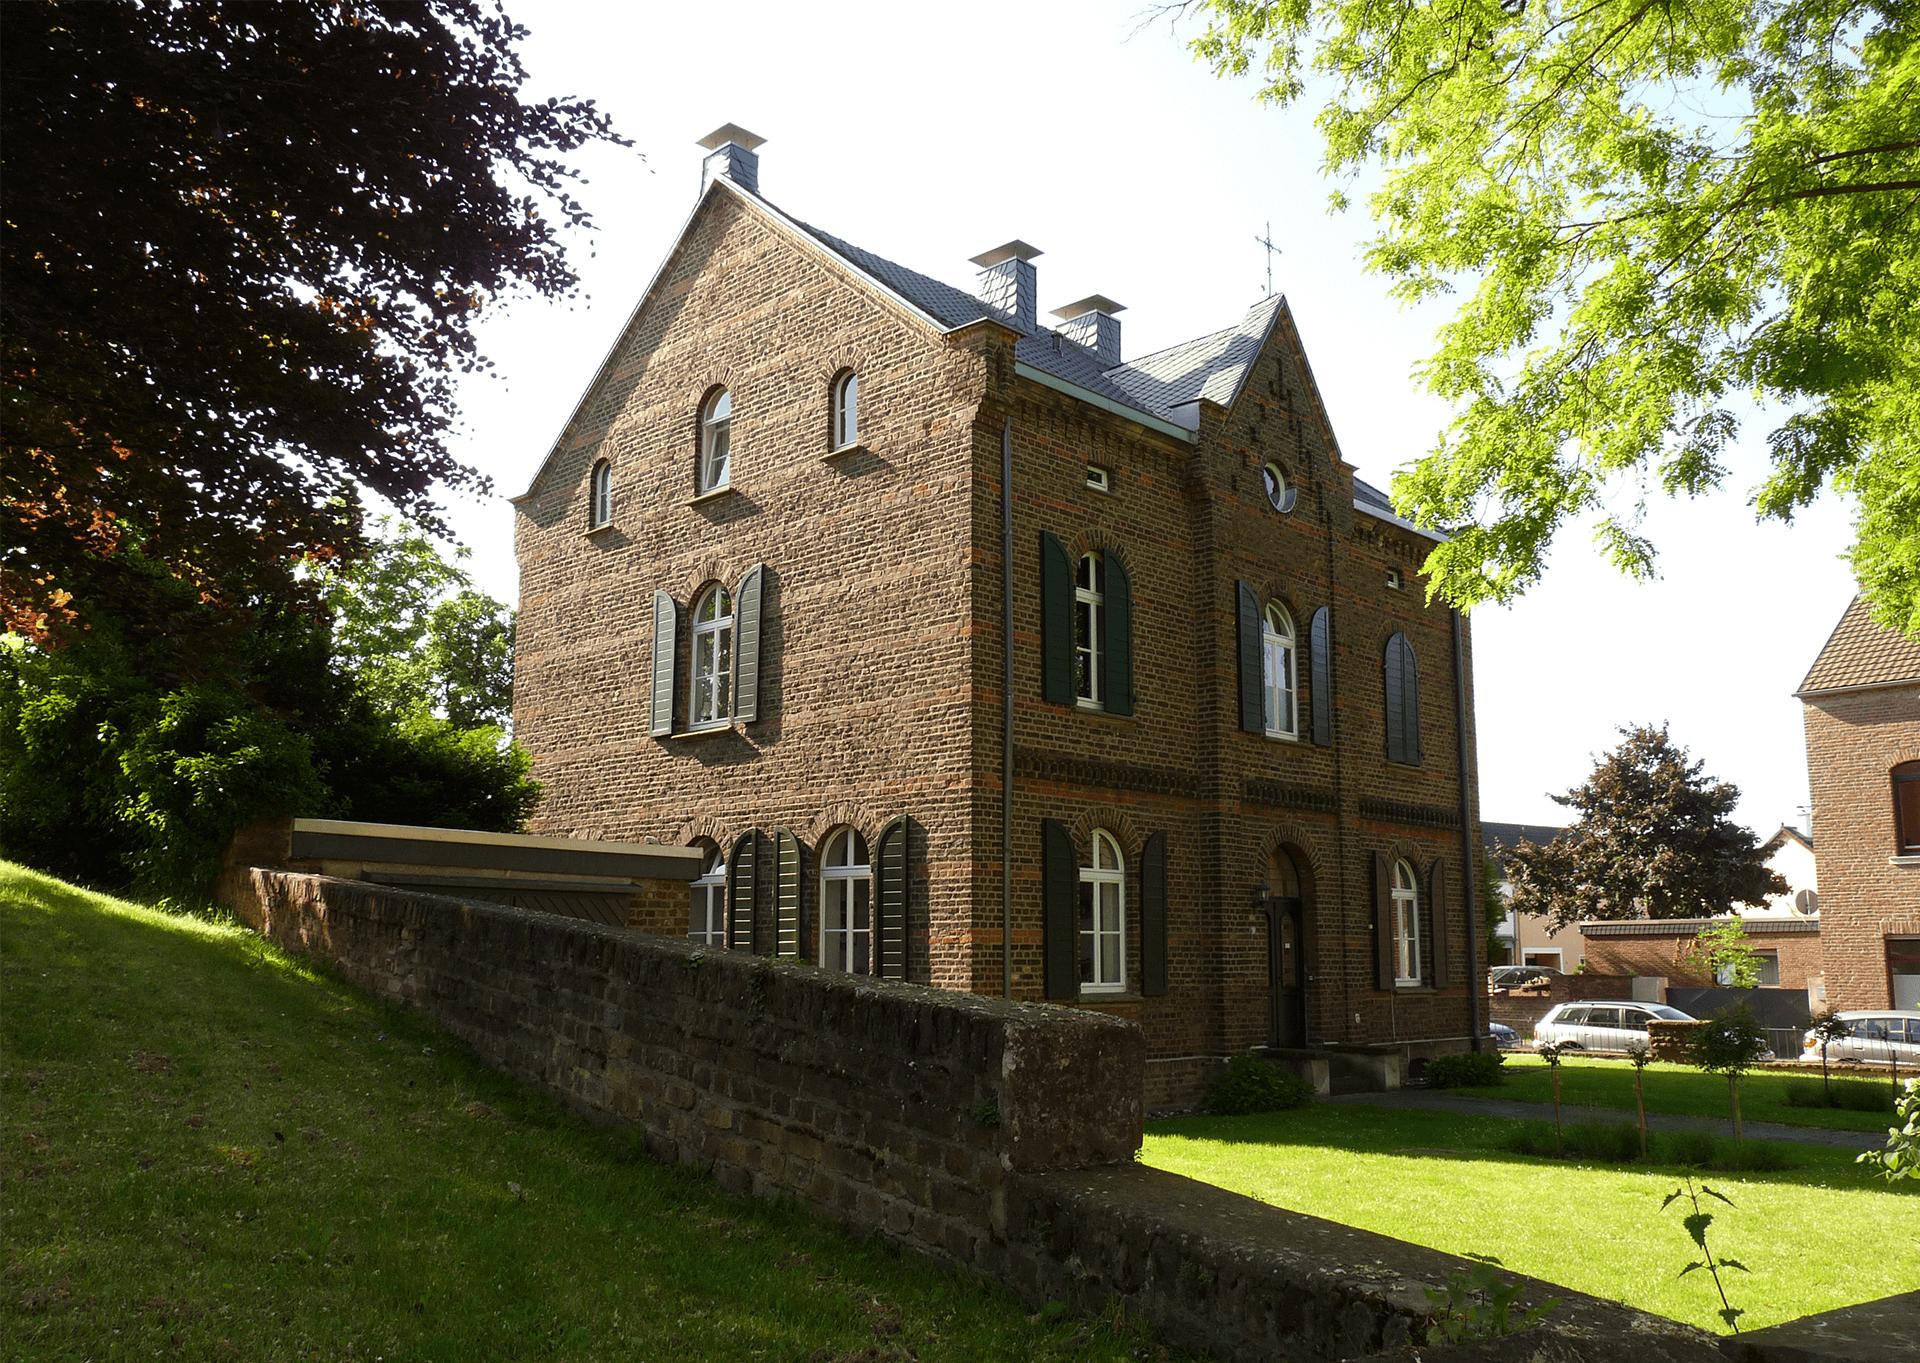 Pfarrhaus St. Gervasius und Protasius